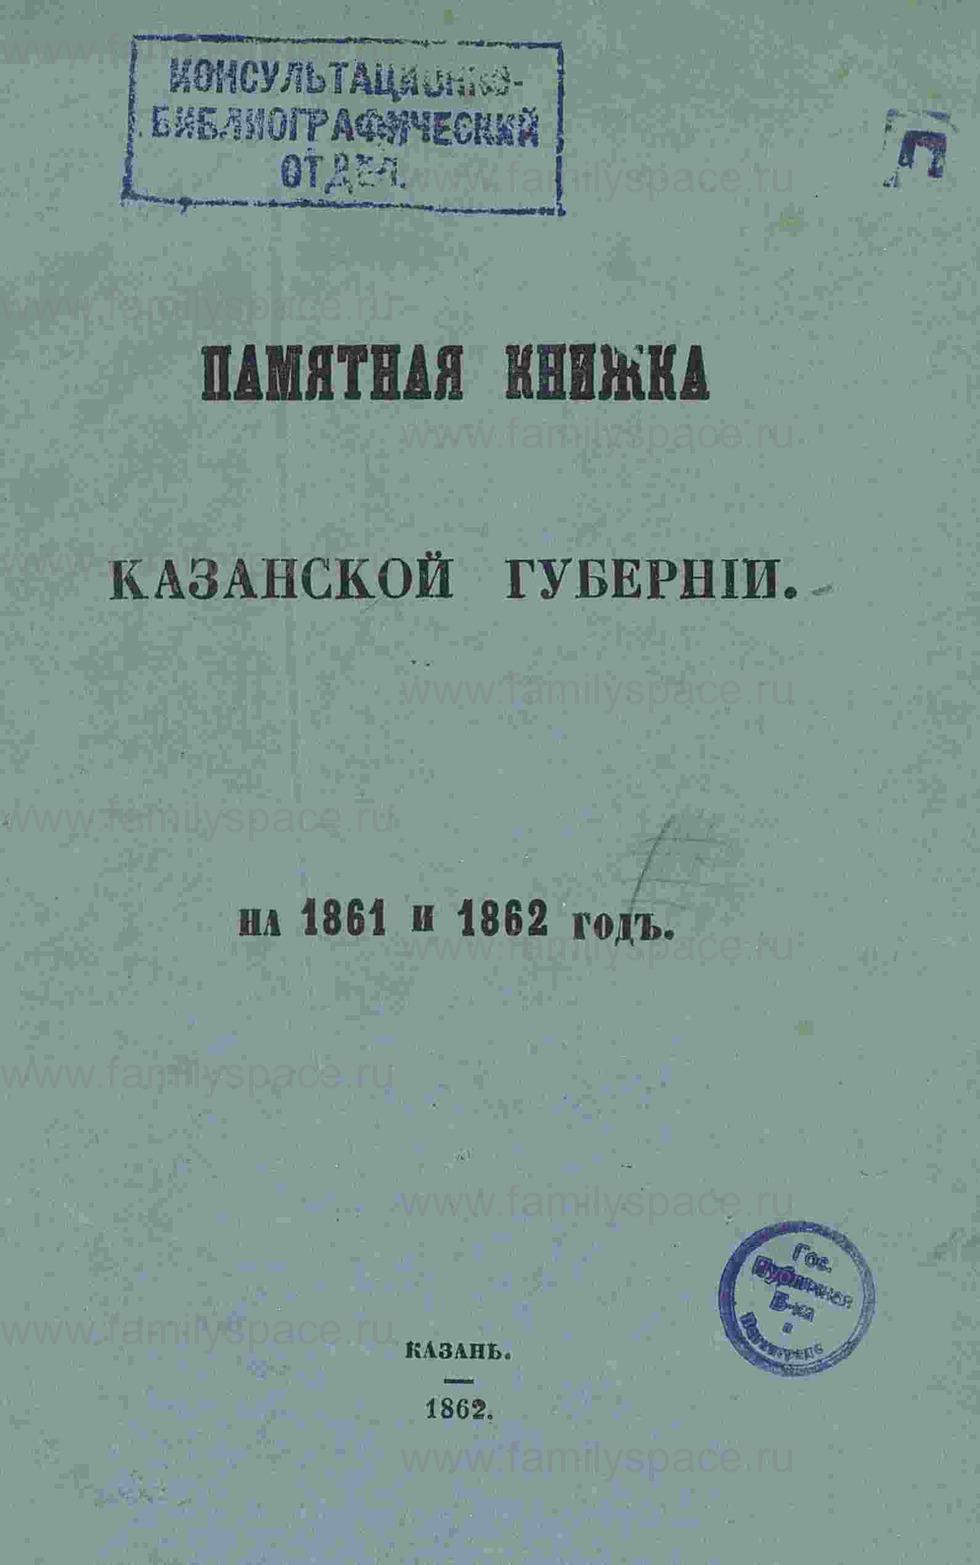 Поиск по фамилии - Памятная книжка Казанской губернии на 1861-62 гг., страница 3